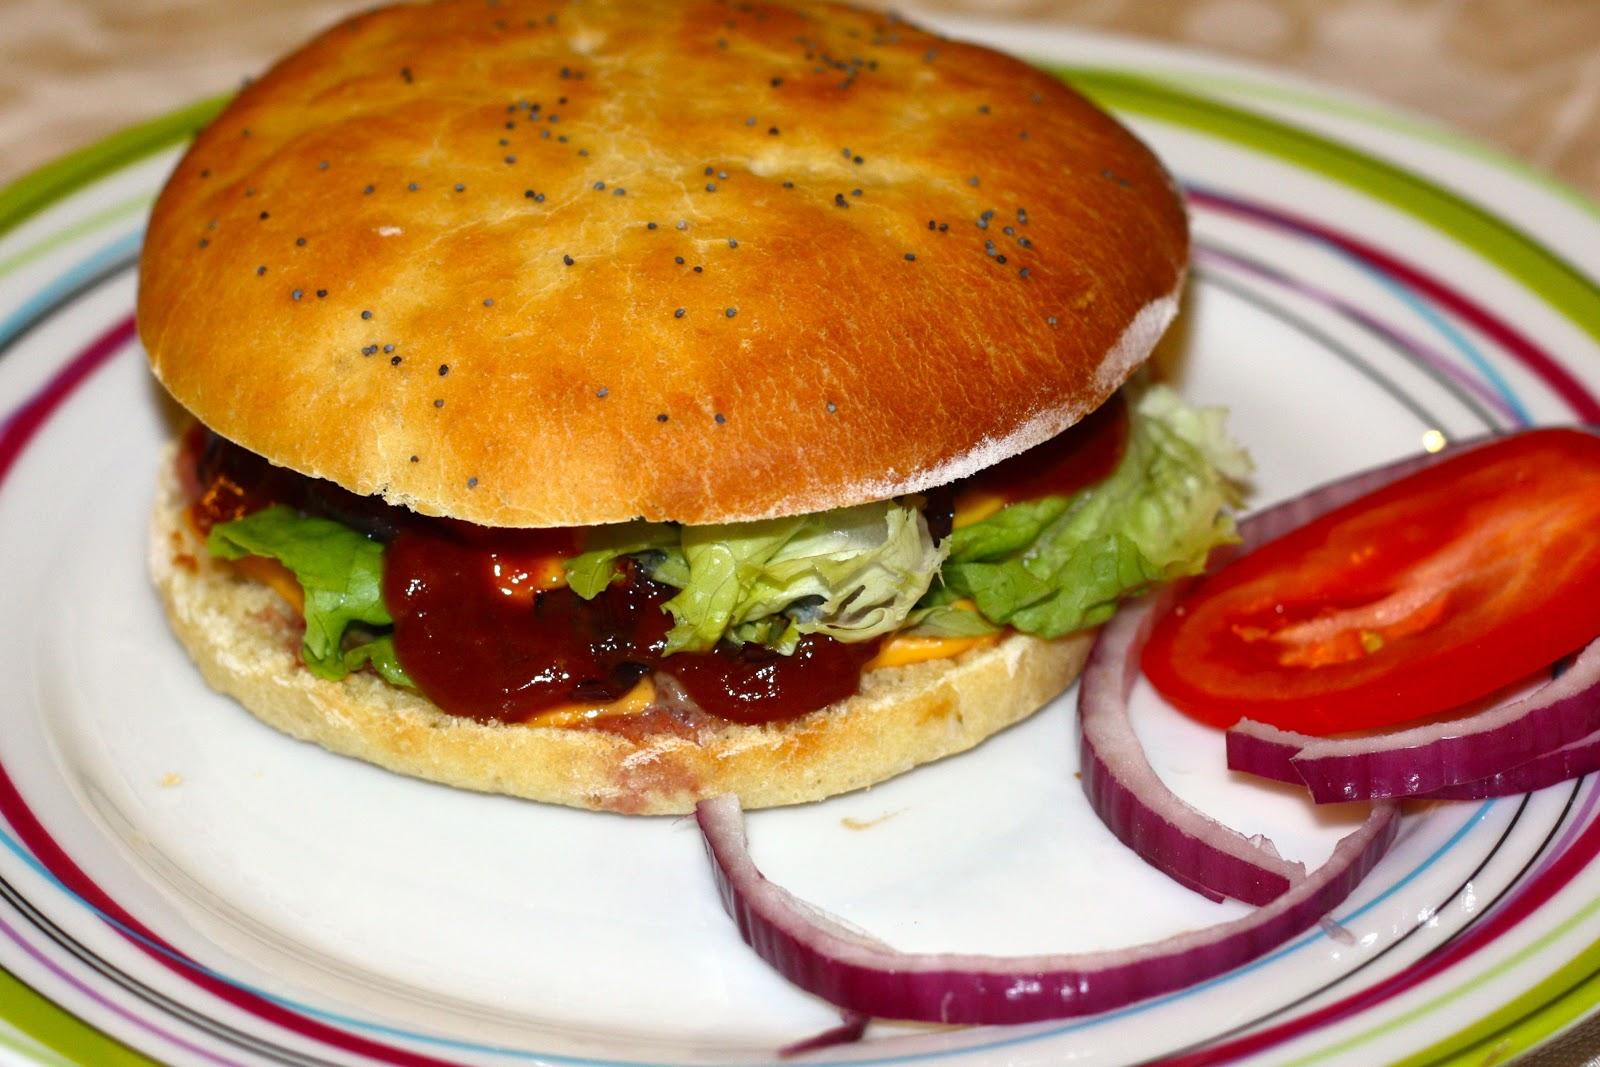 Pierrot gourmet handburger avec pain maison - Recette hamburger maison original ...